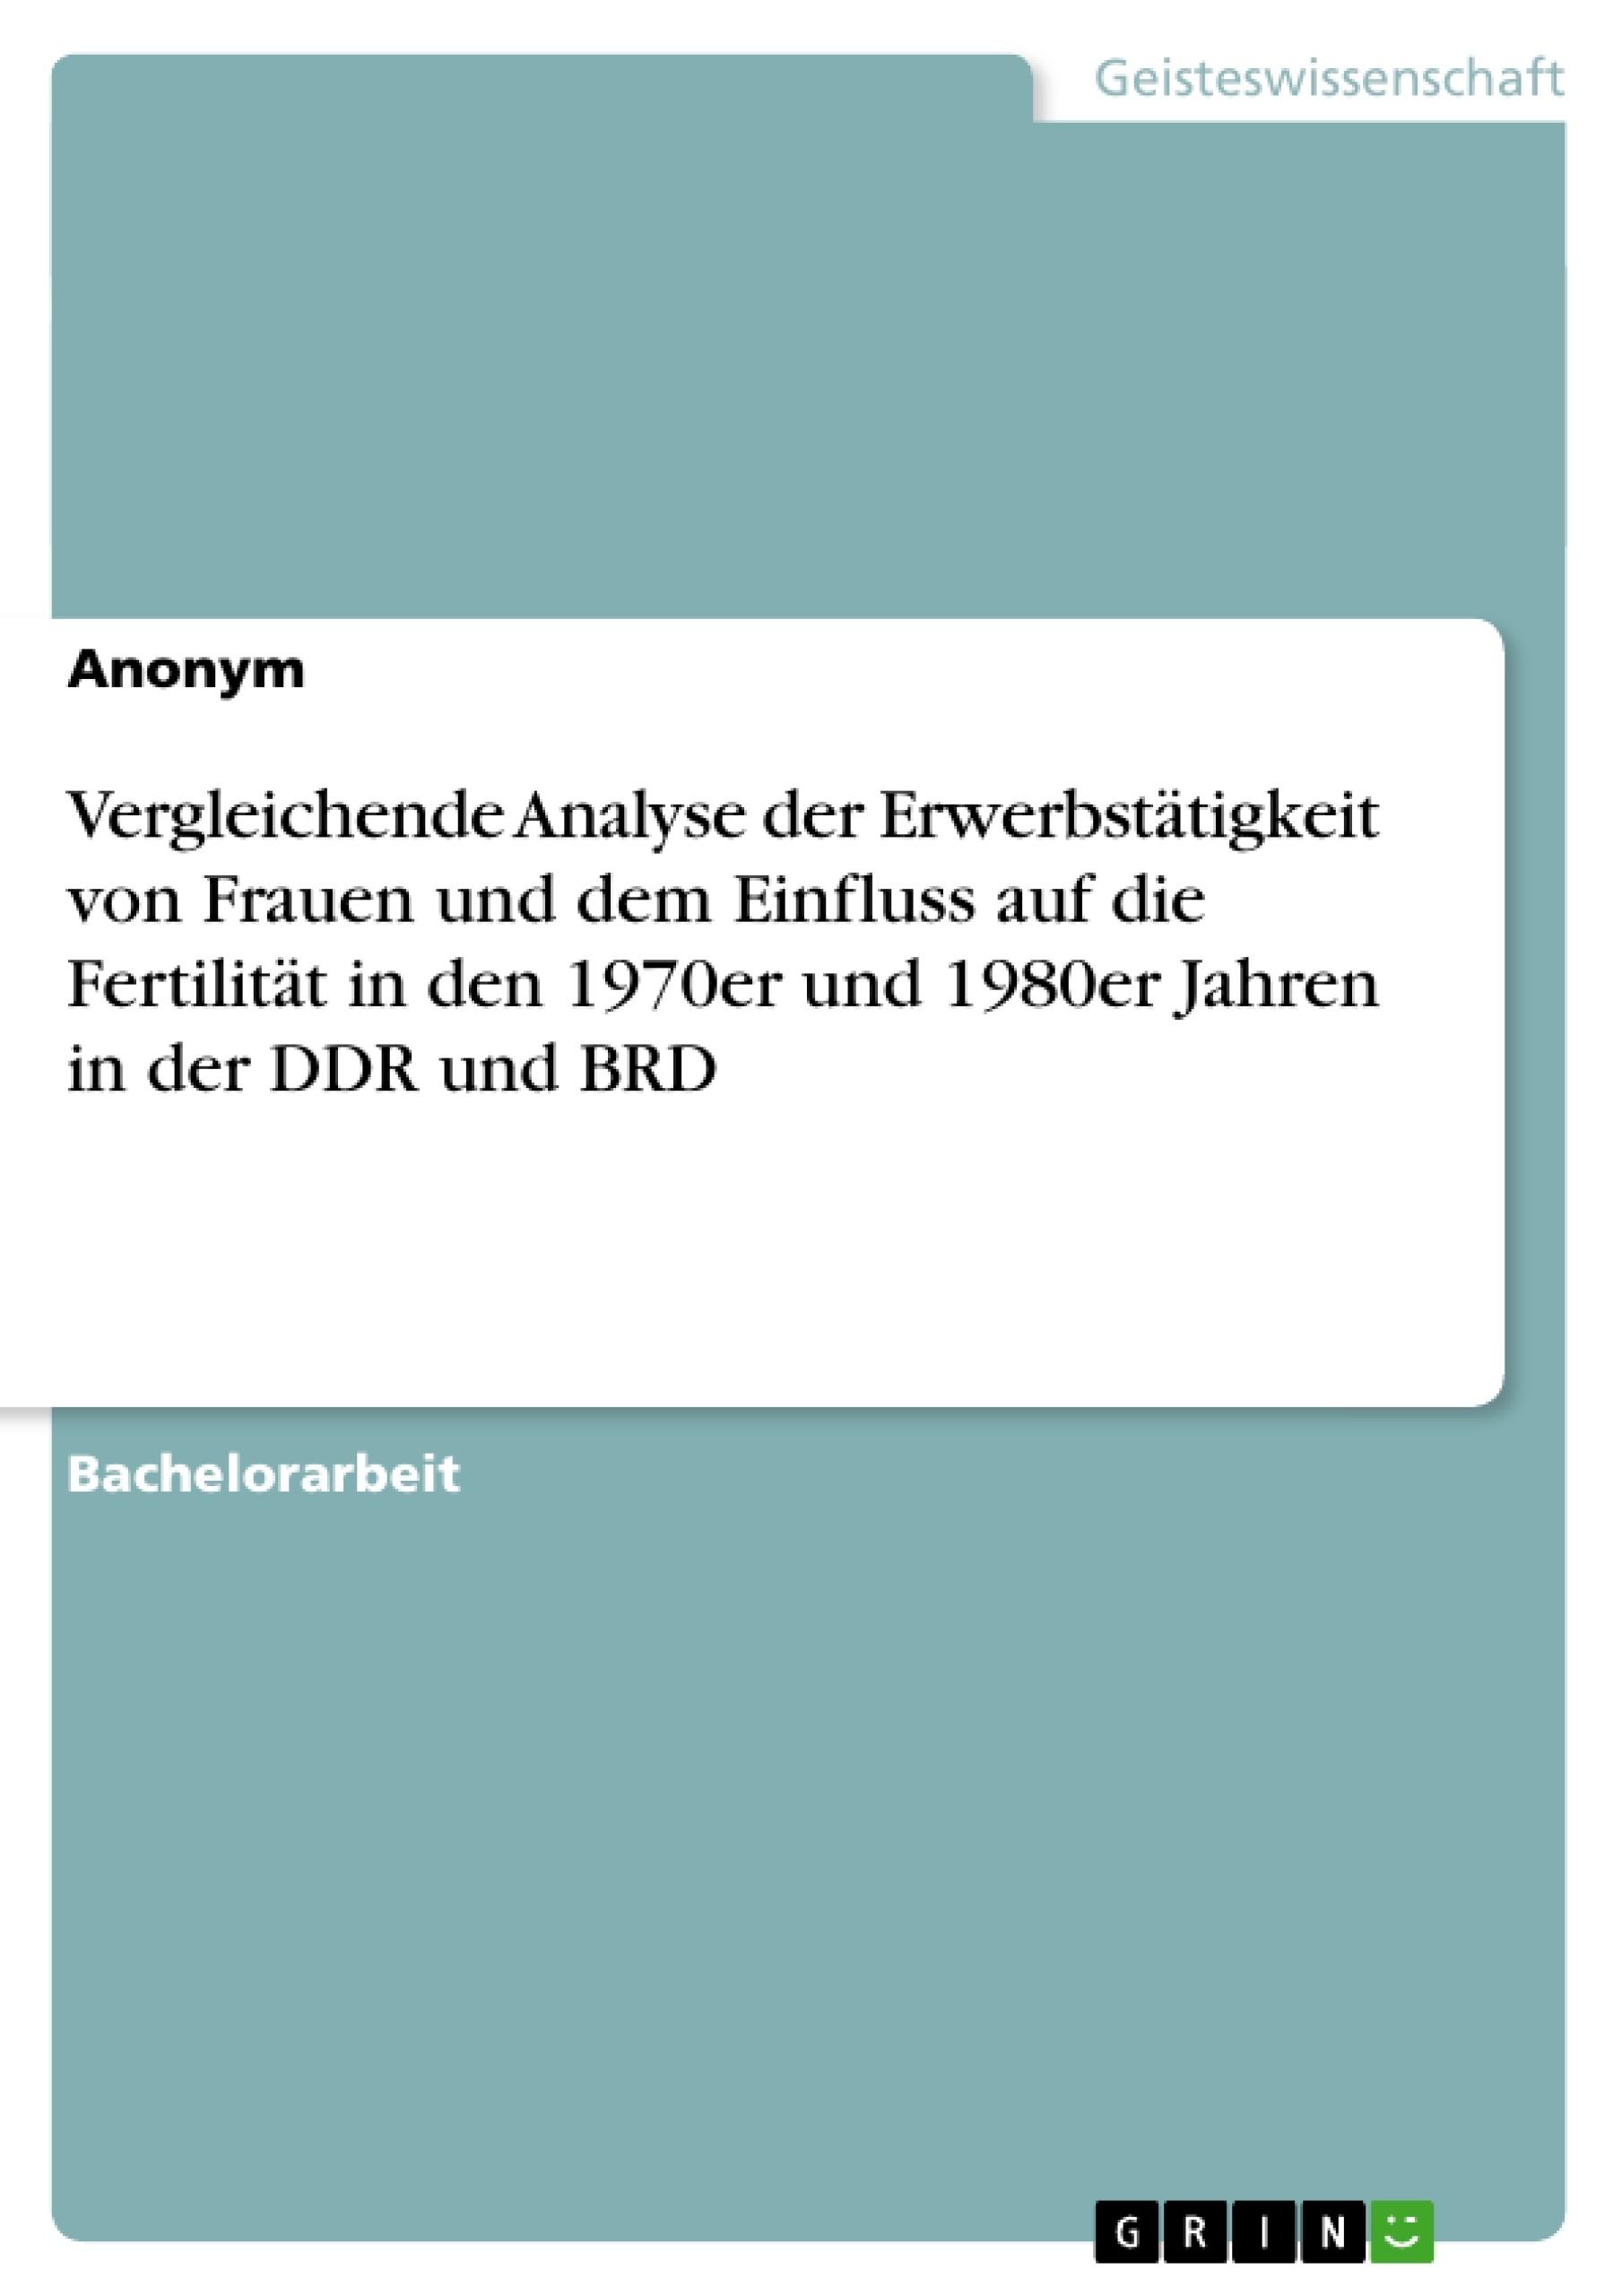 Titel: Vergleichende Analyse der Erwerbstätigkeit von Frauen und dem Einfluss auf die Fertilität in den 1970er und 1980er Jahren in der DDR und BRD